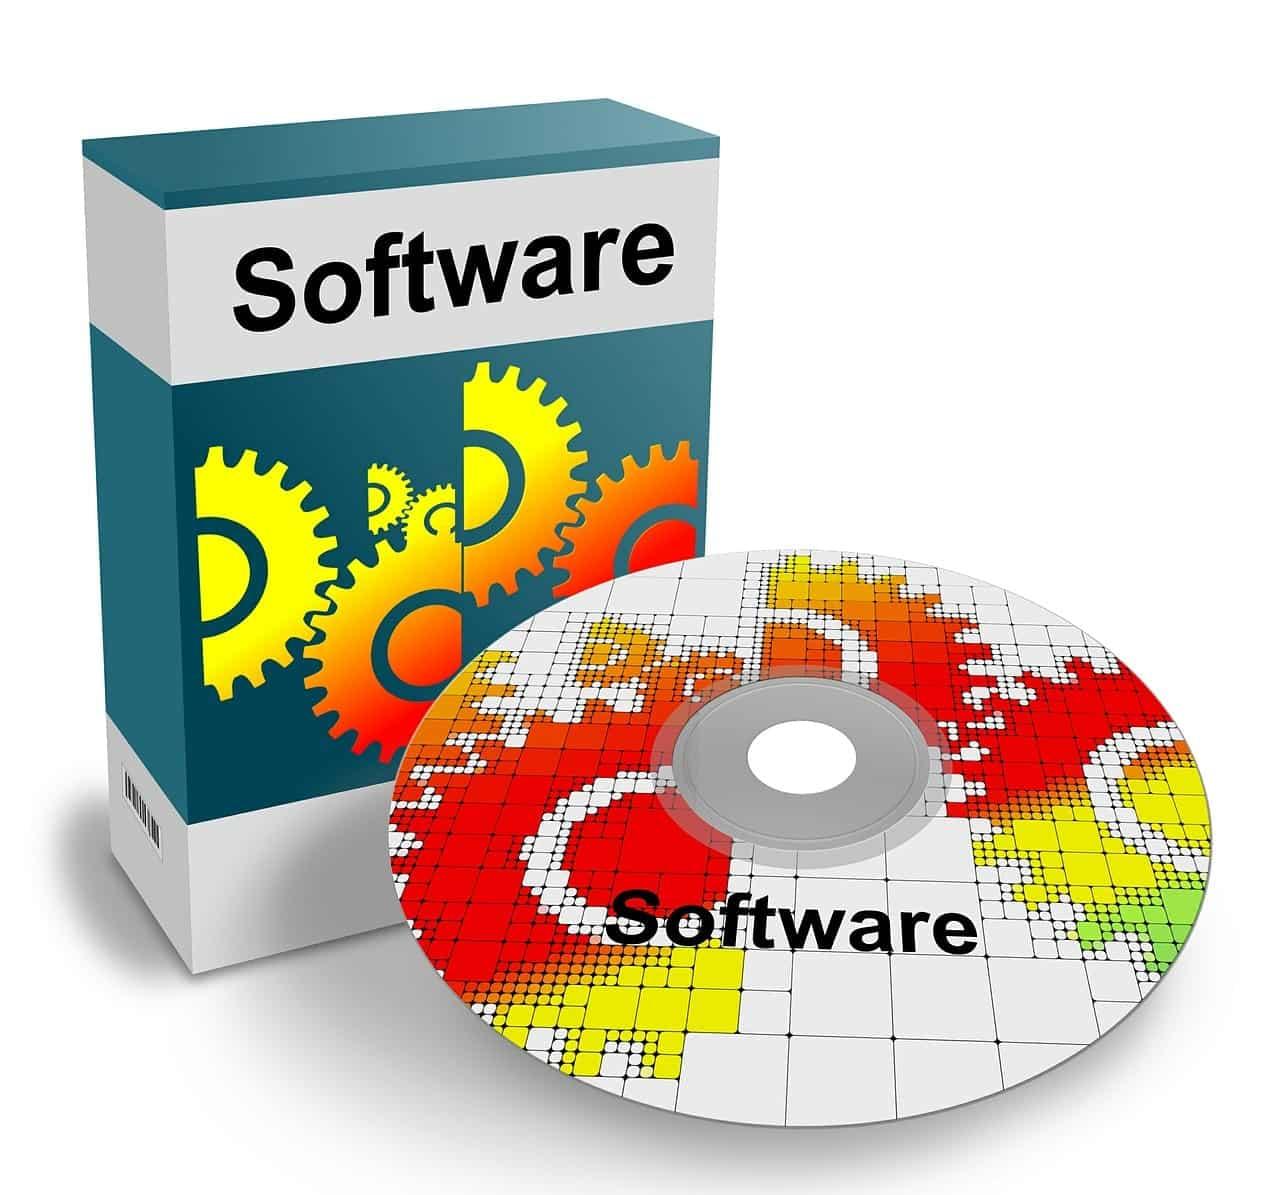 Beli Software Di Arsitag